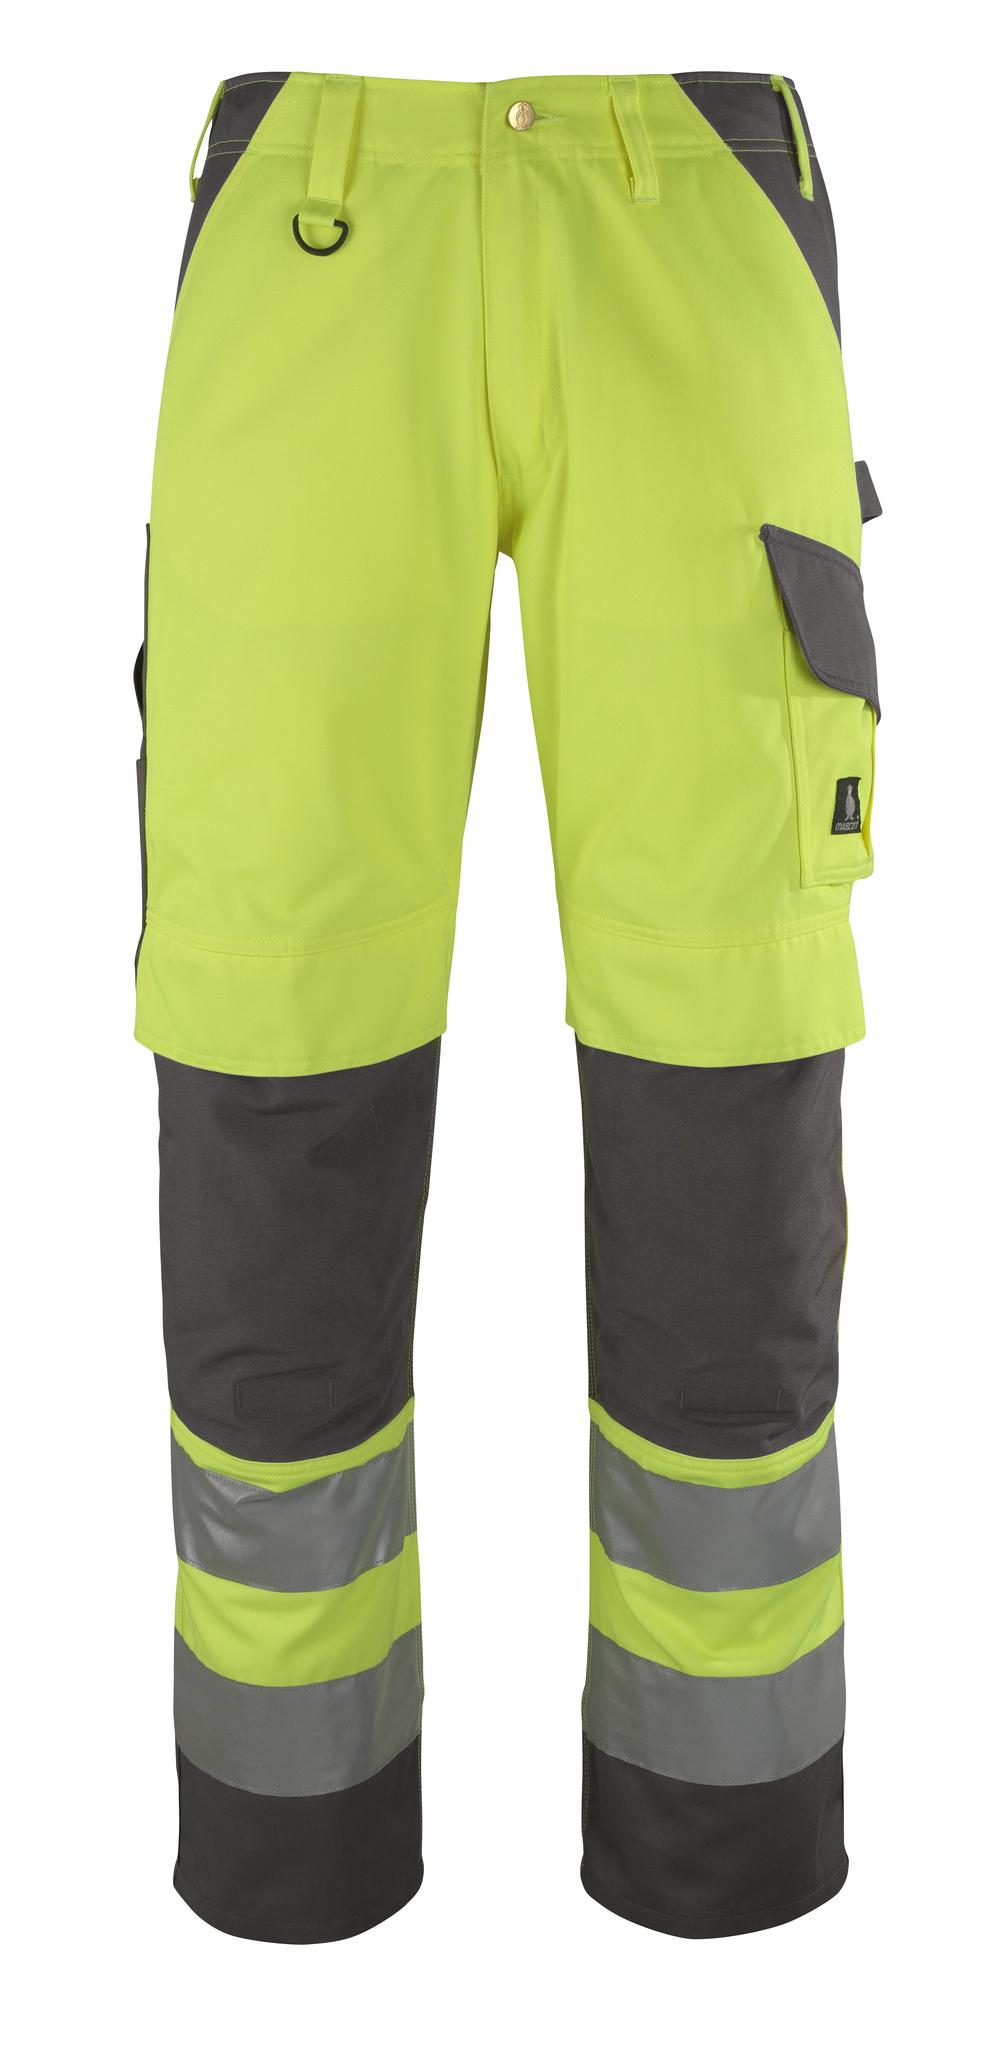 13479-470-17888 Pantalon avec poches genouillères - Hi-vis jaune/Anthracite